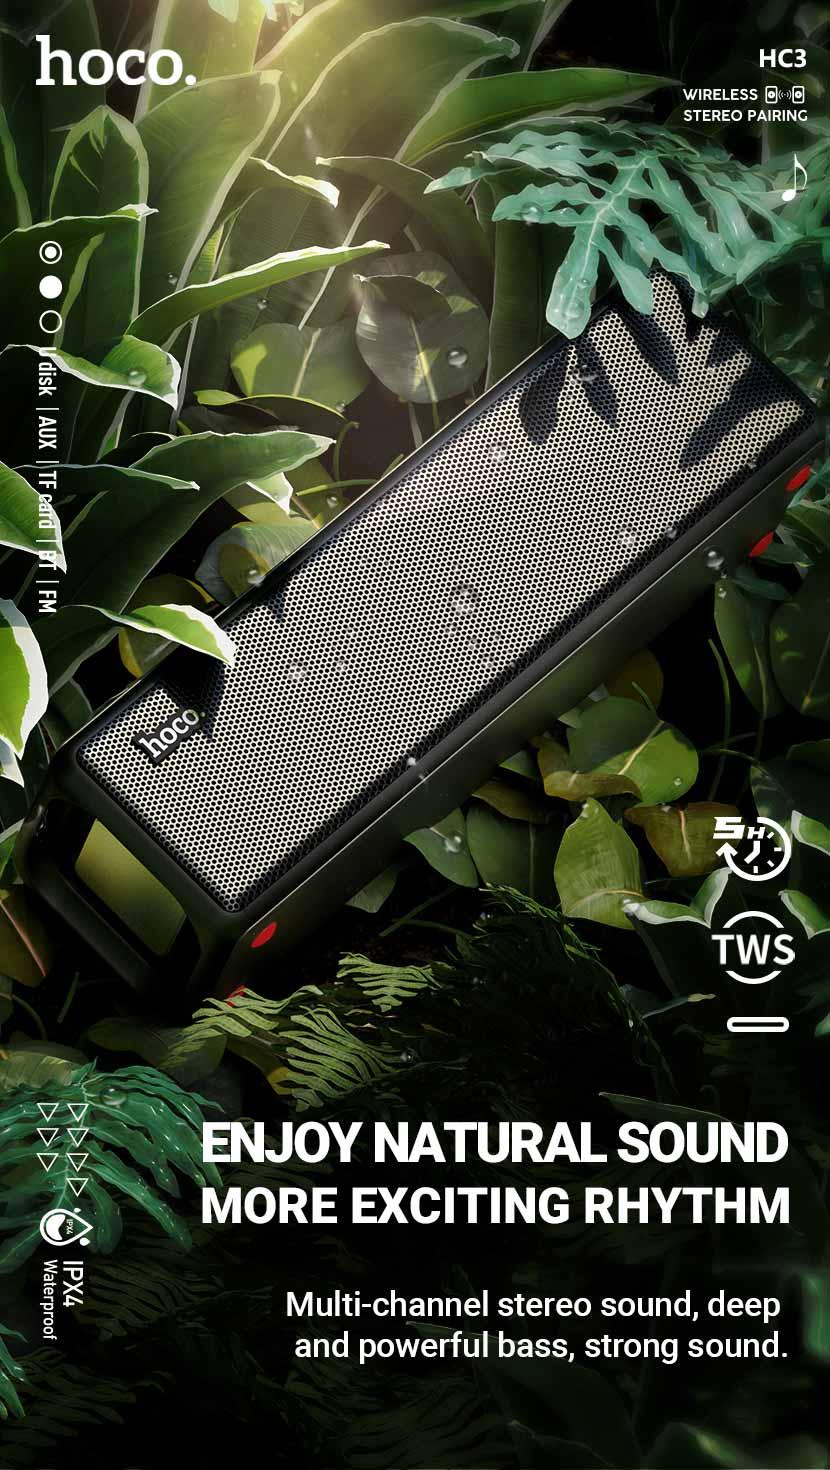 hoco news hc3 bounce sports wireless speaker en